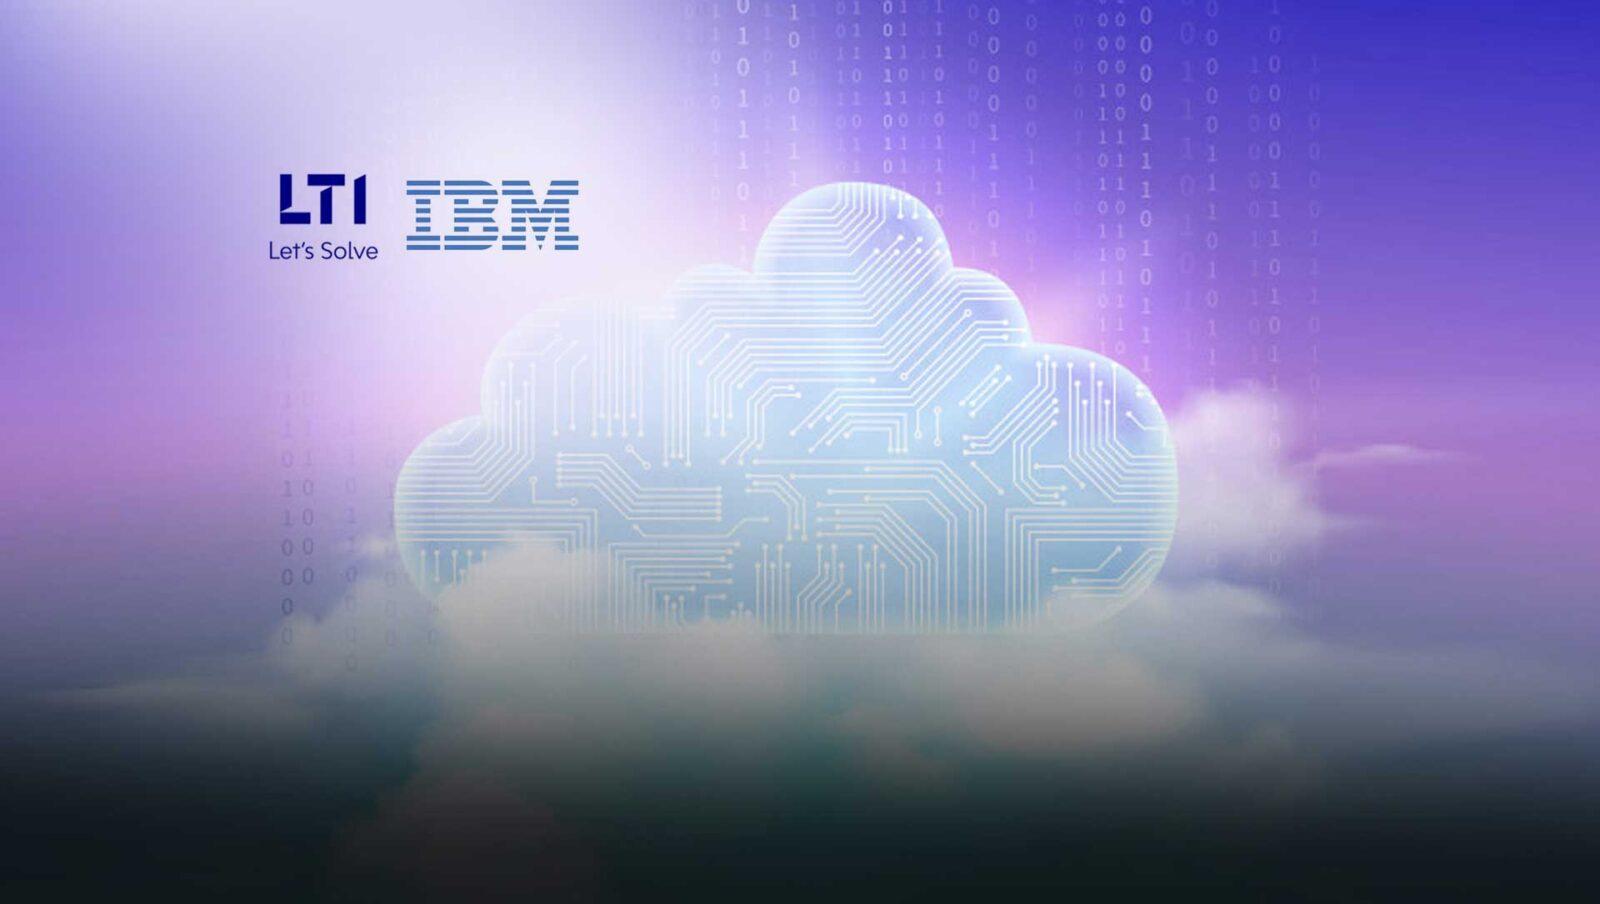 گسترش همکاری IBM و LTI